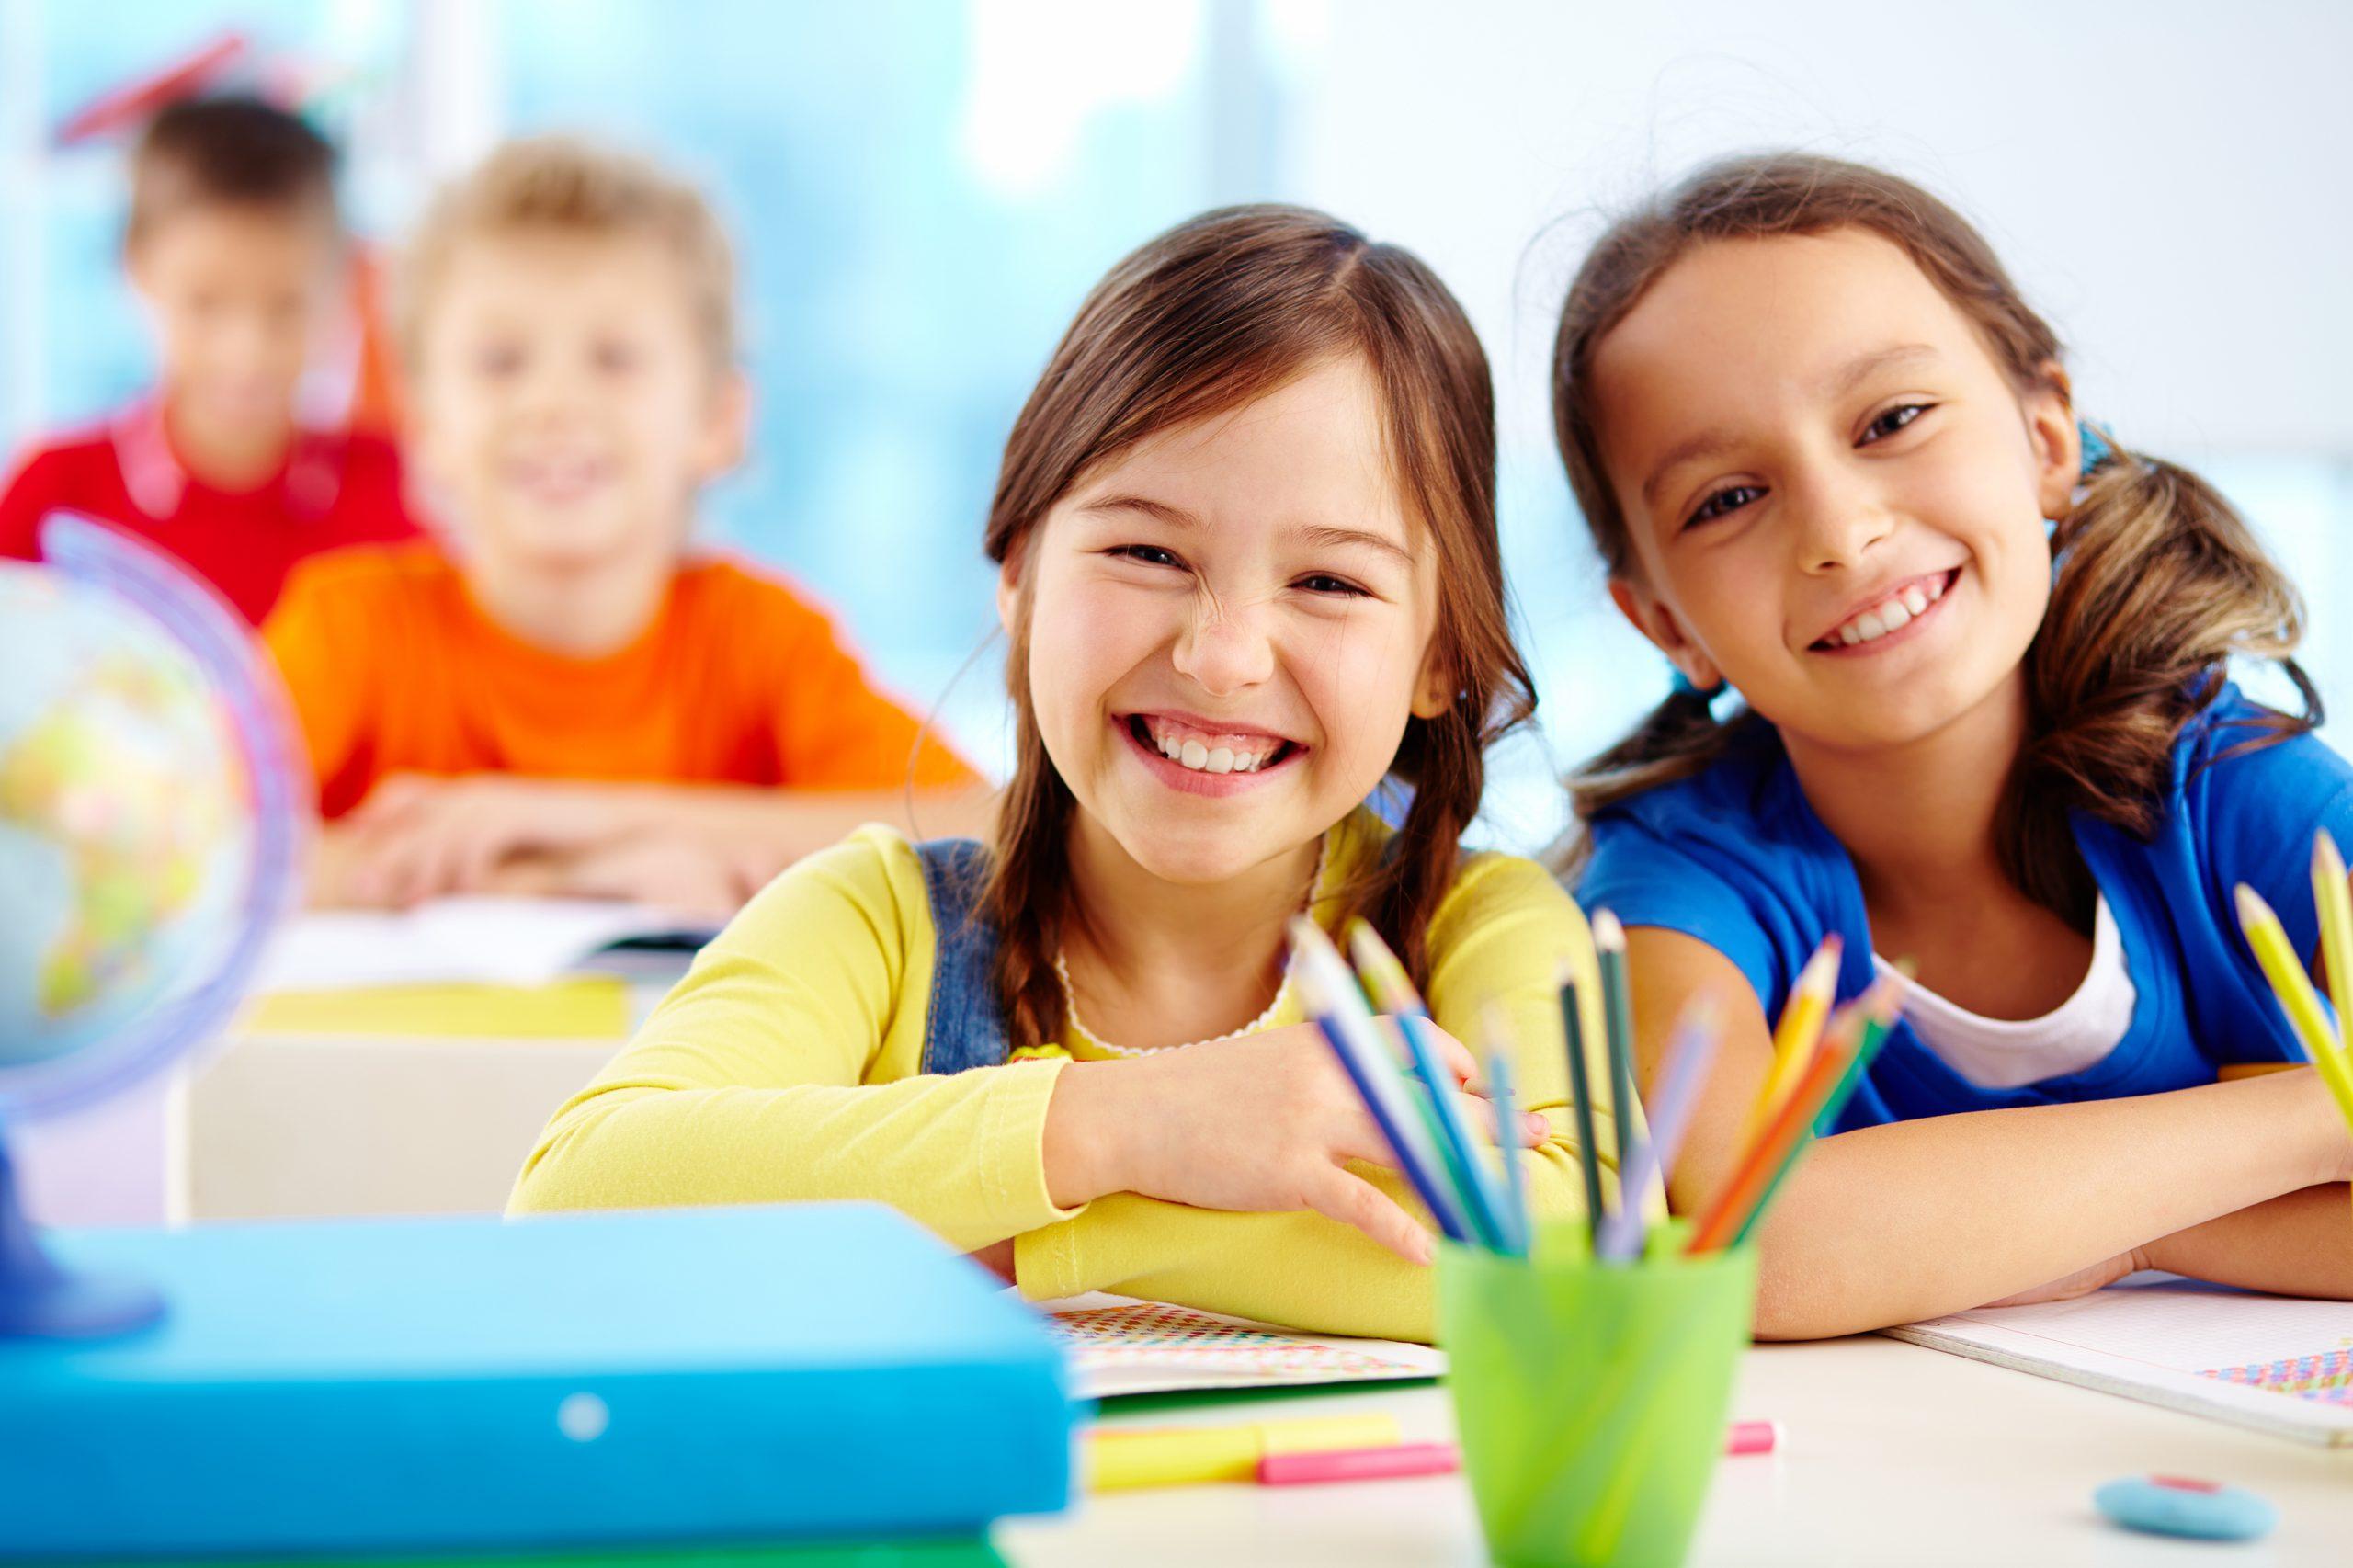 Ребенок не хочет ходить в школу: почему так бывает и как пробудить интерес к учебе